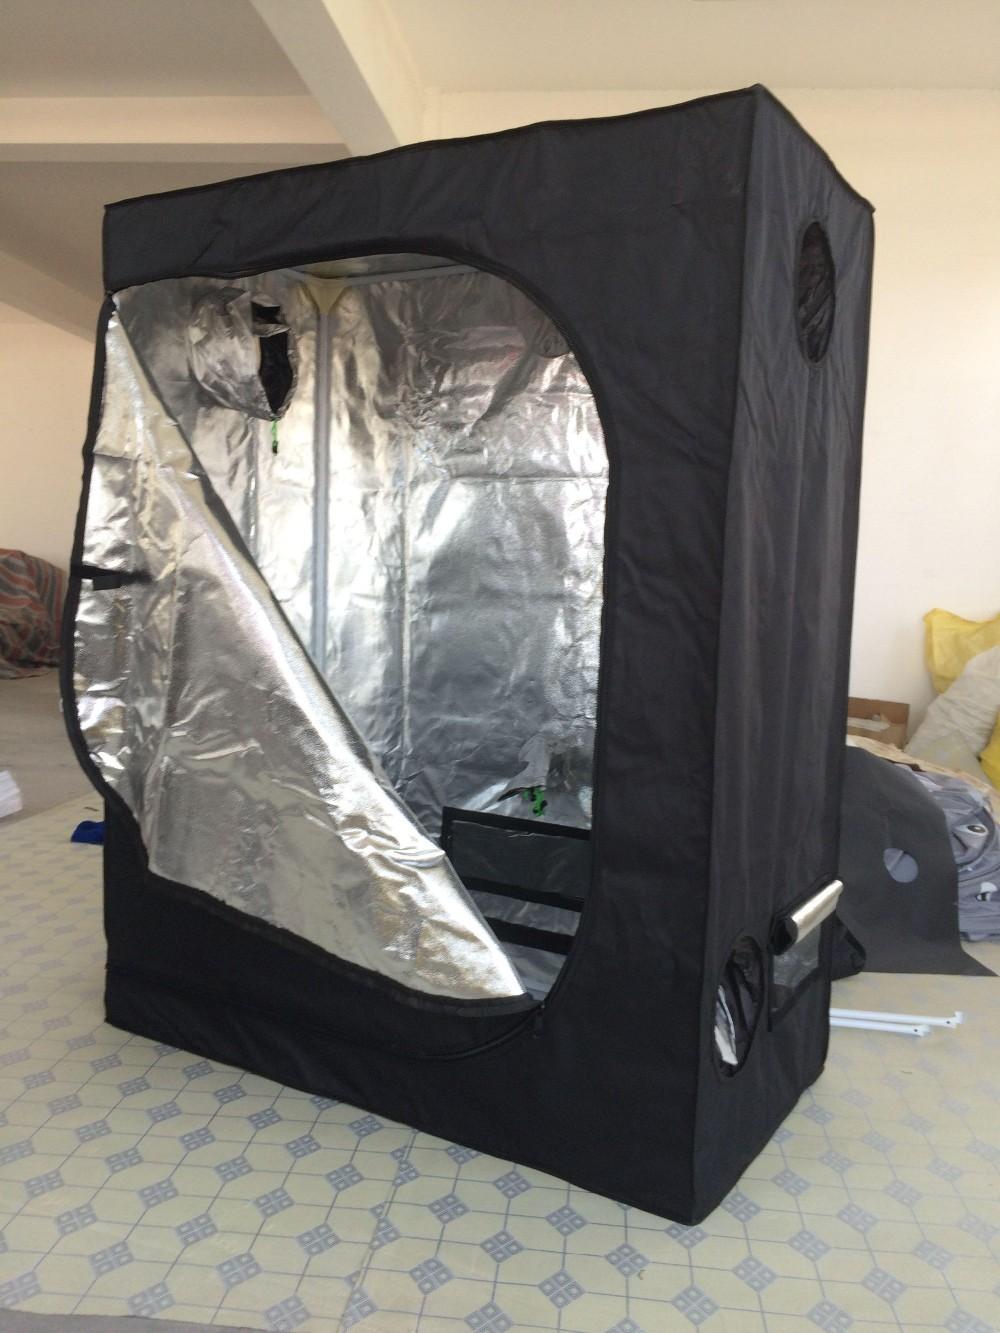 2019 120 60 15048 24 60 Indoor Hydroponics Grow Tent